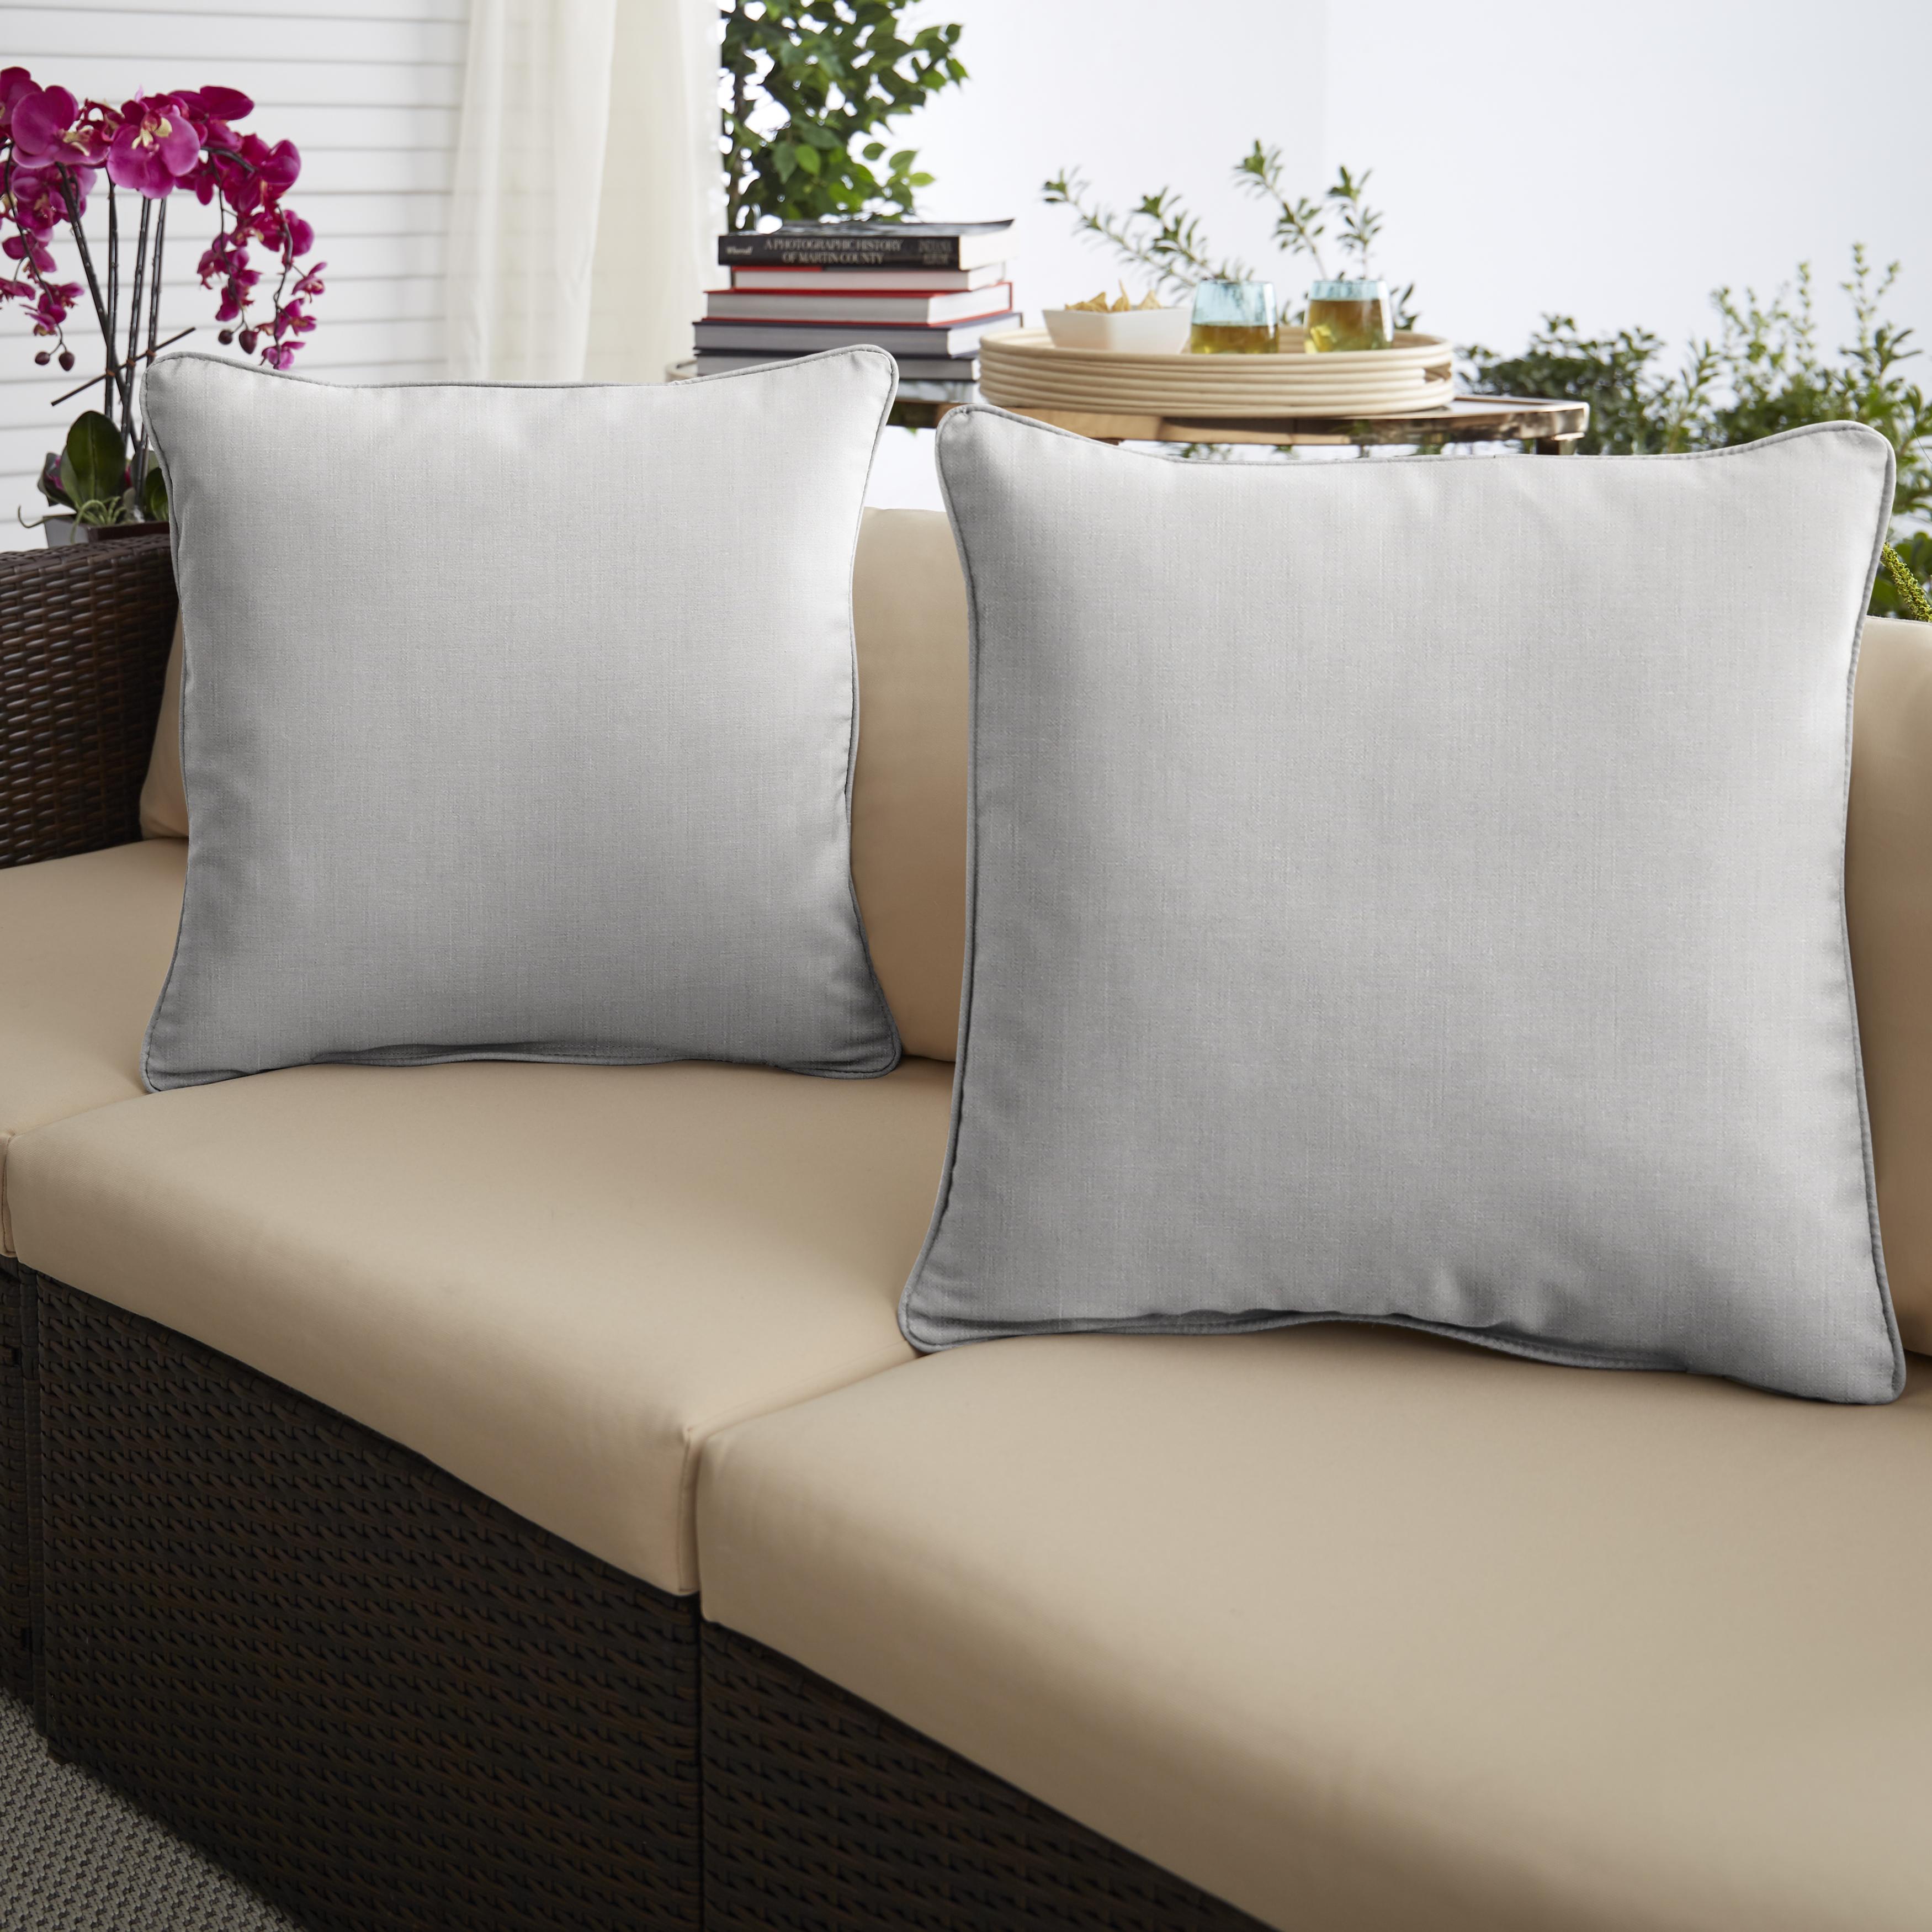 Sunbrella Cast Pumice Set of 2 Outdoor Pillows